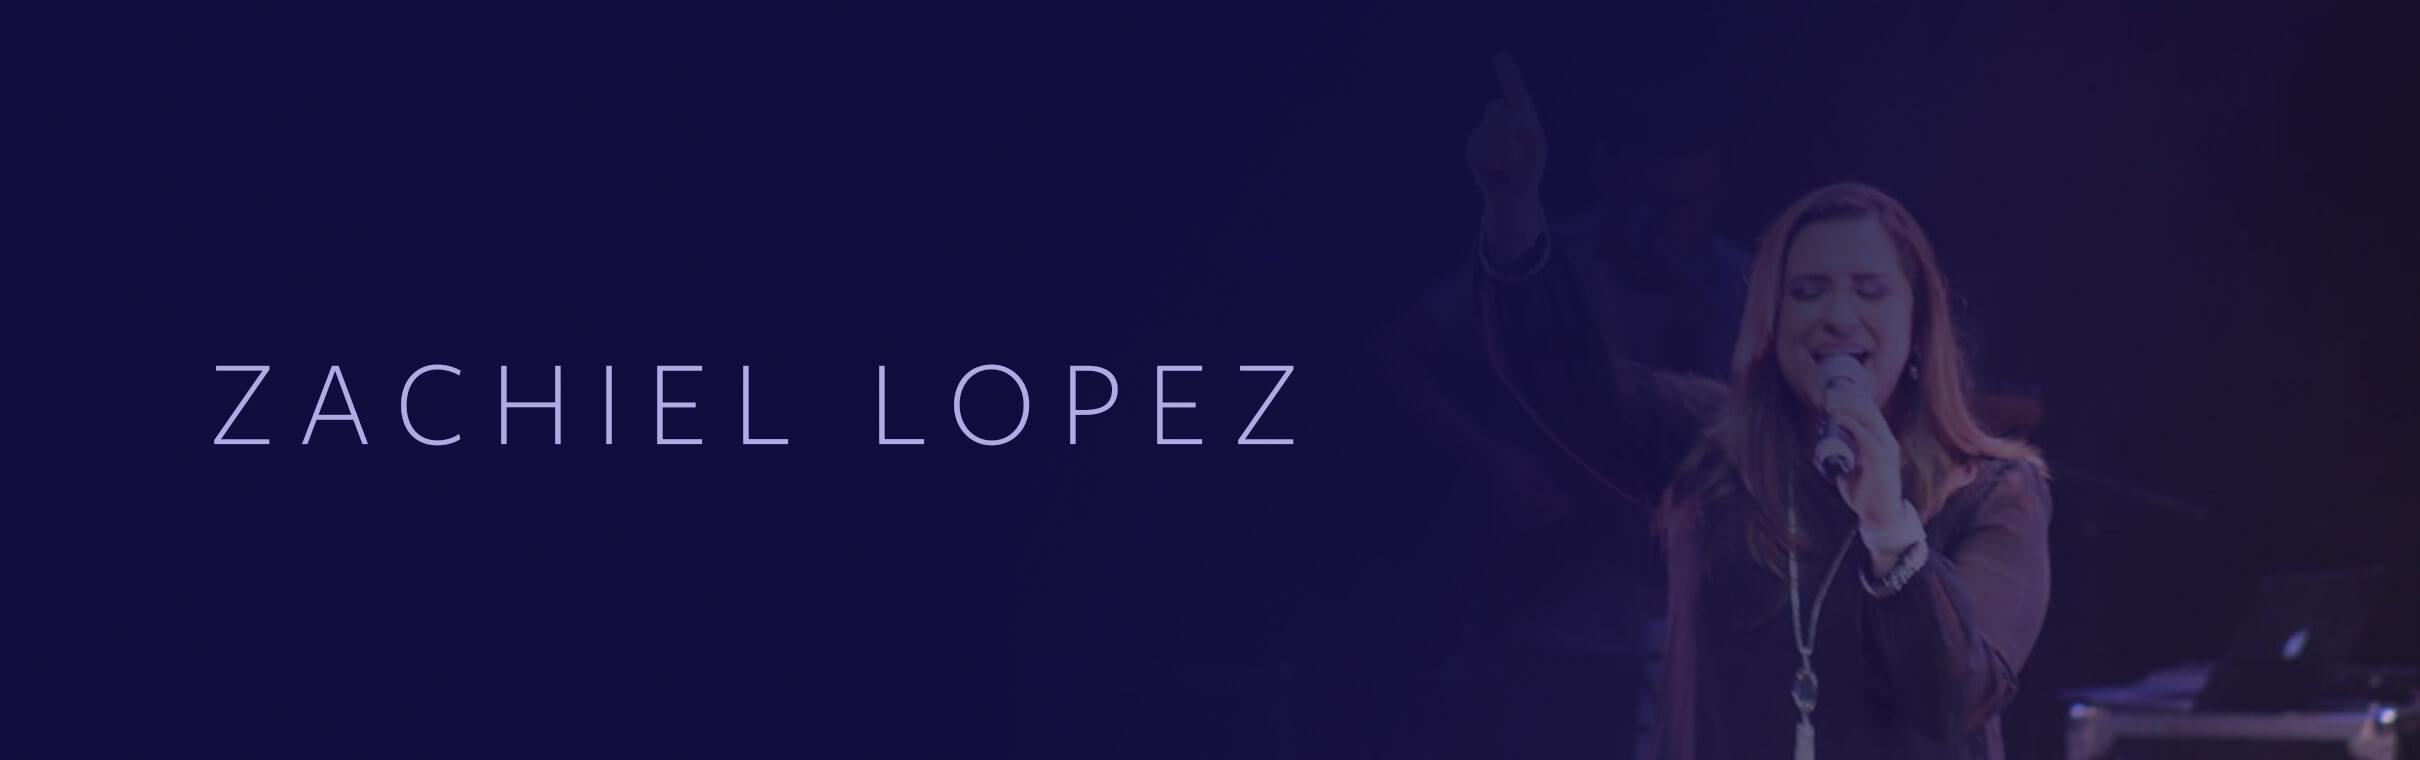 Zachiel Lopez